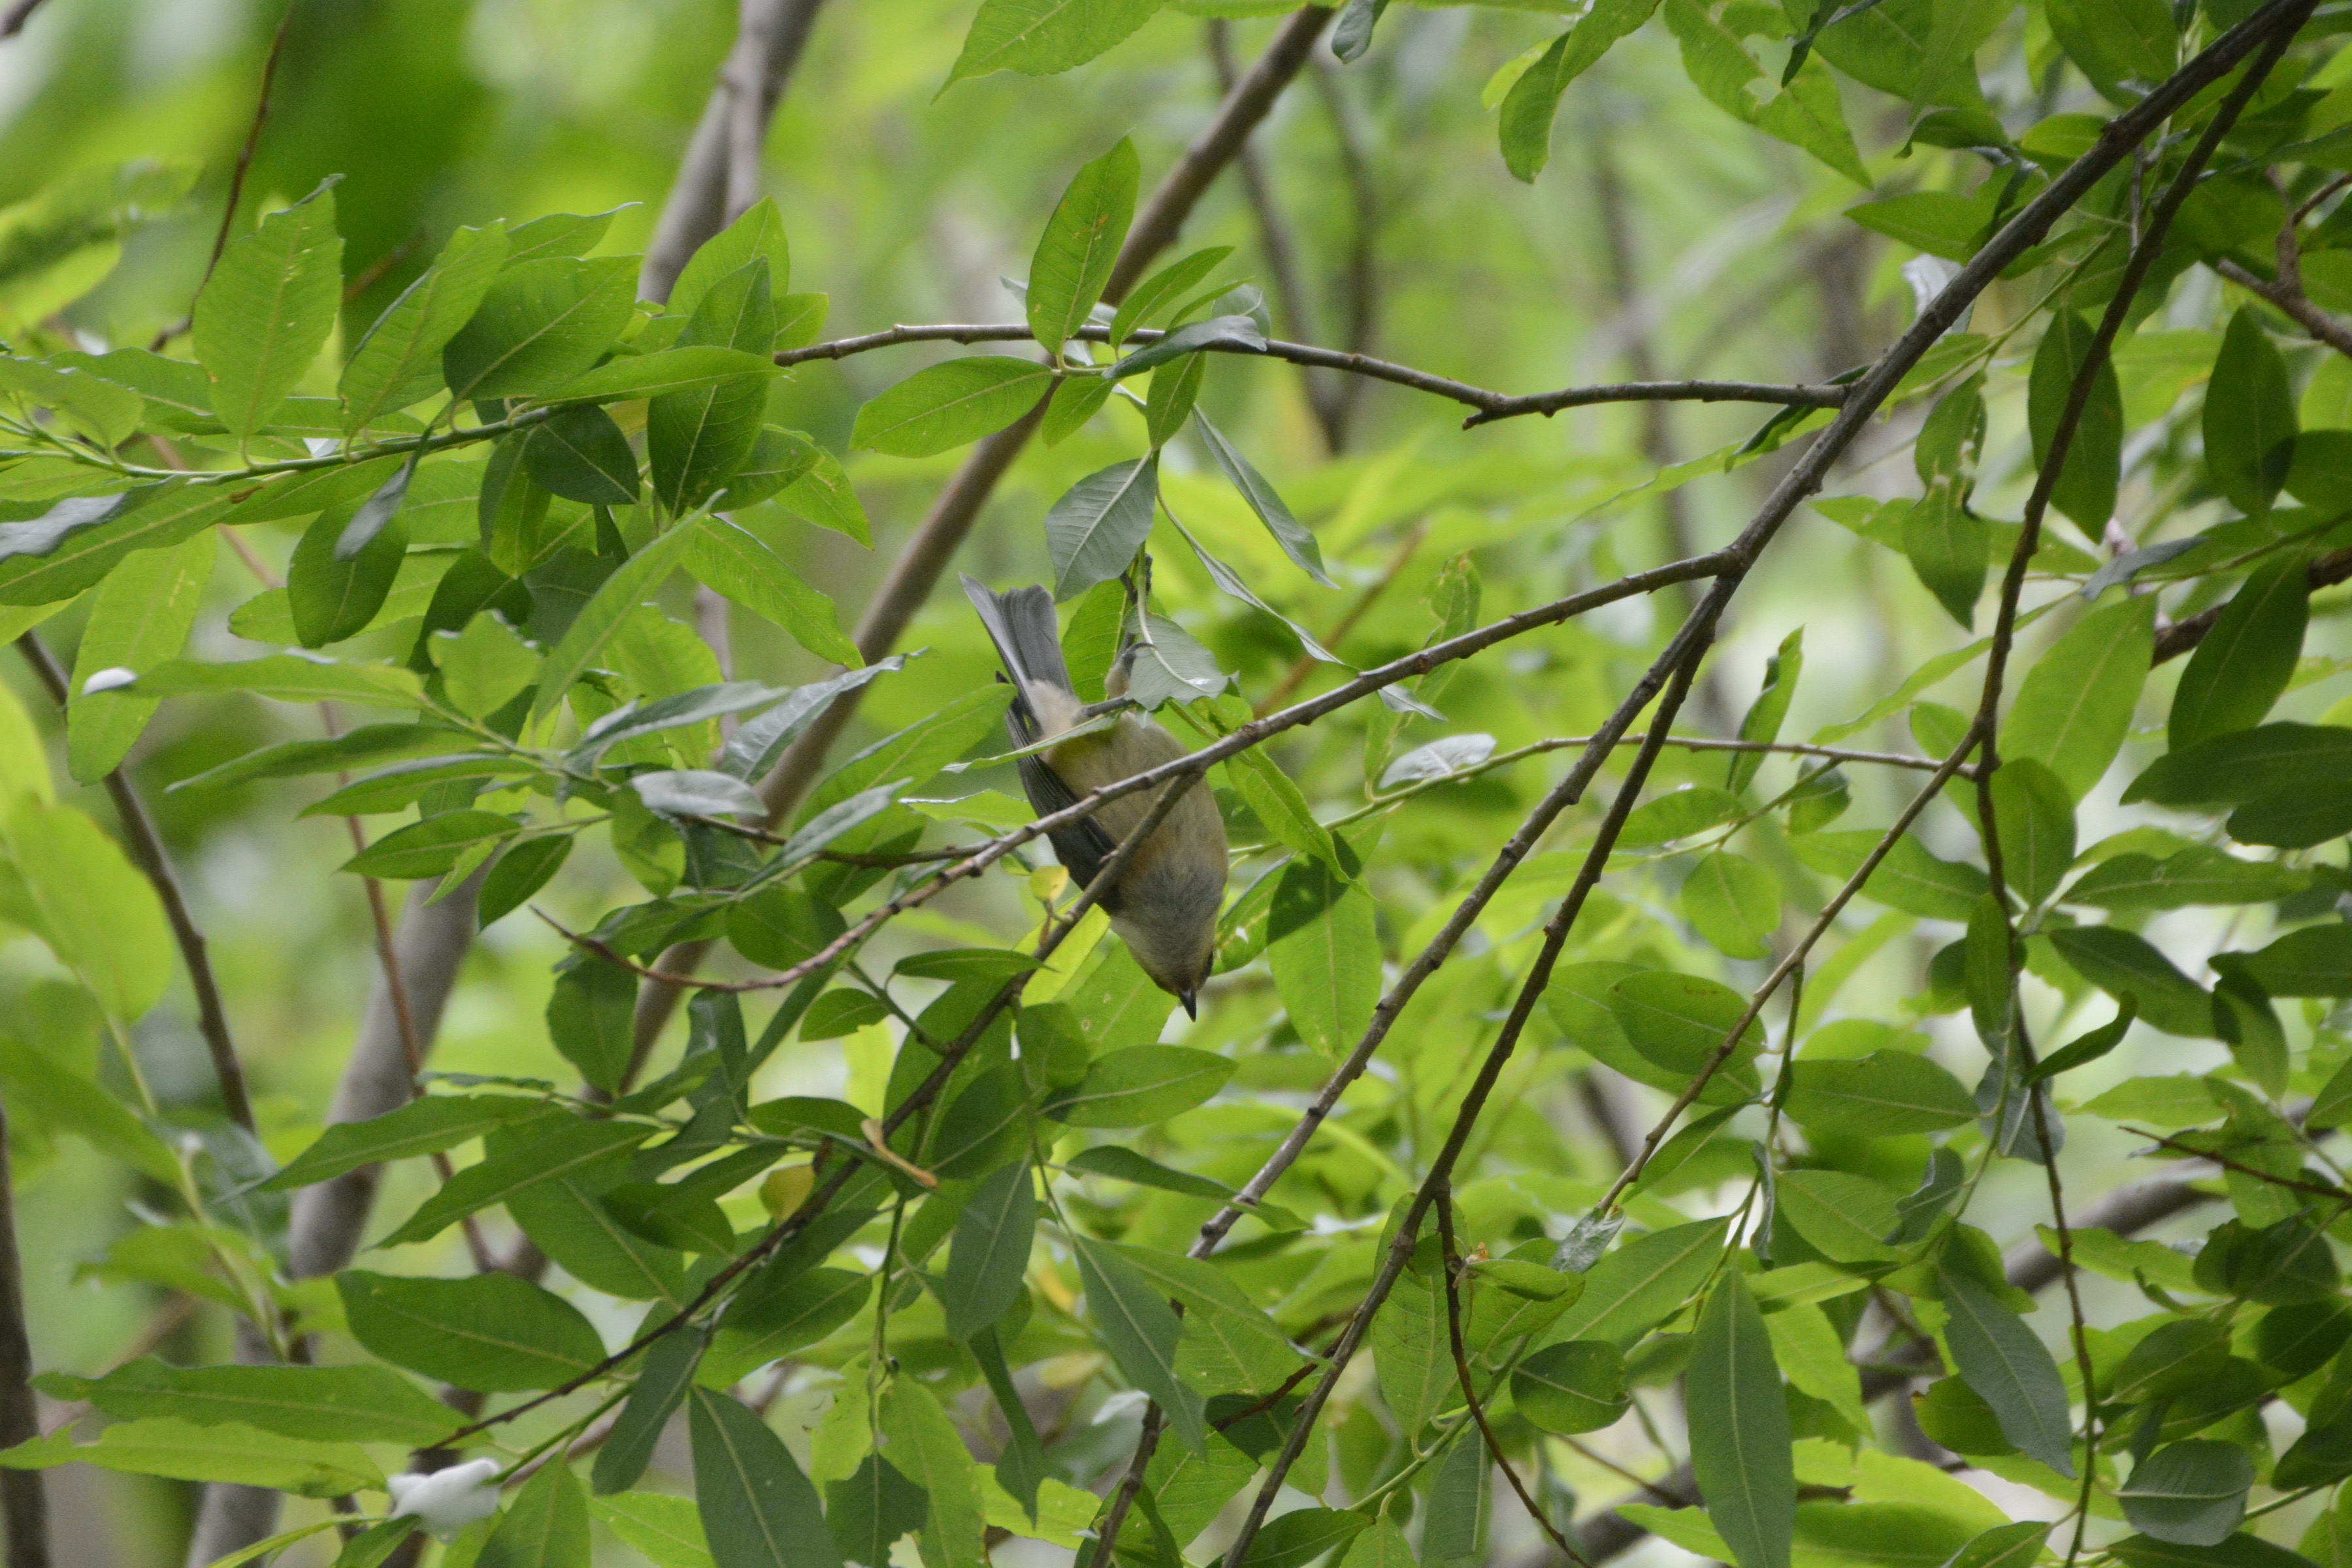 ヤマガラ幼鳥 アクロバット?